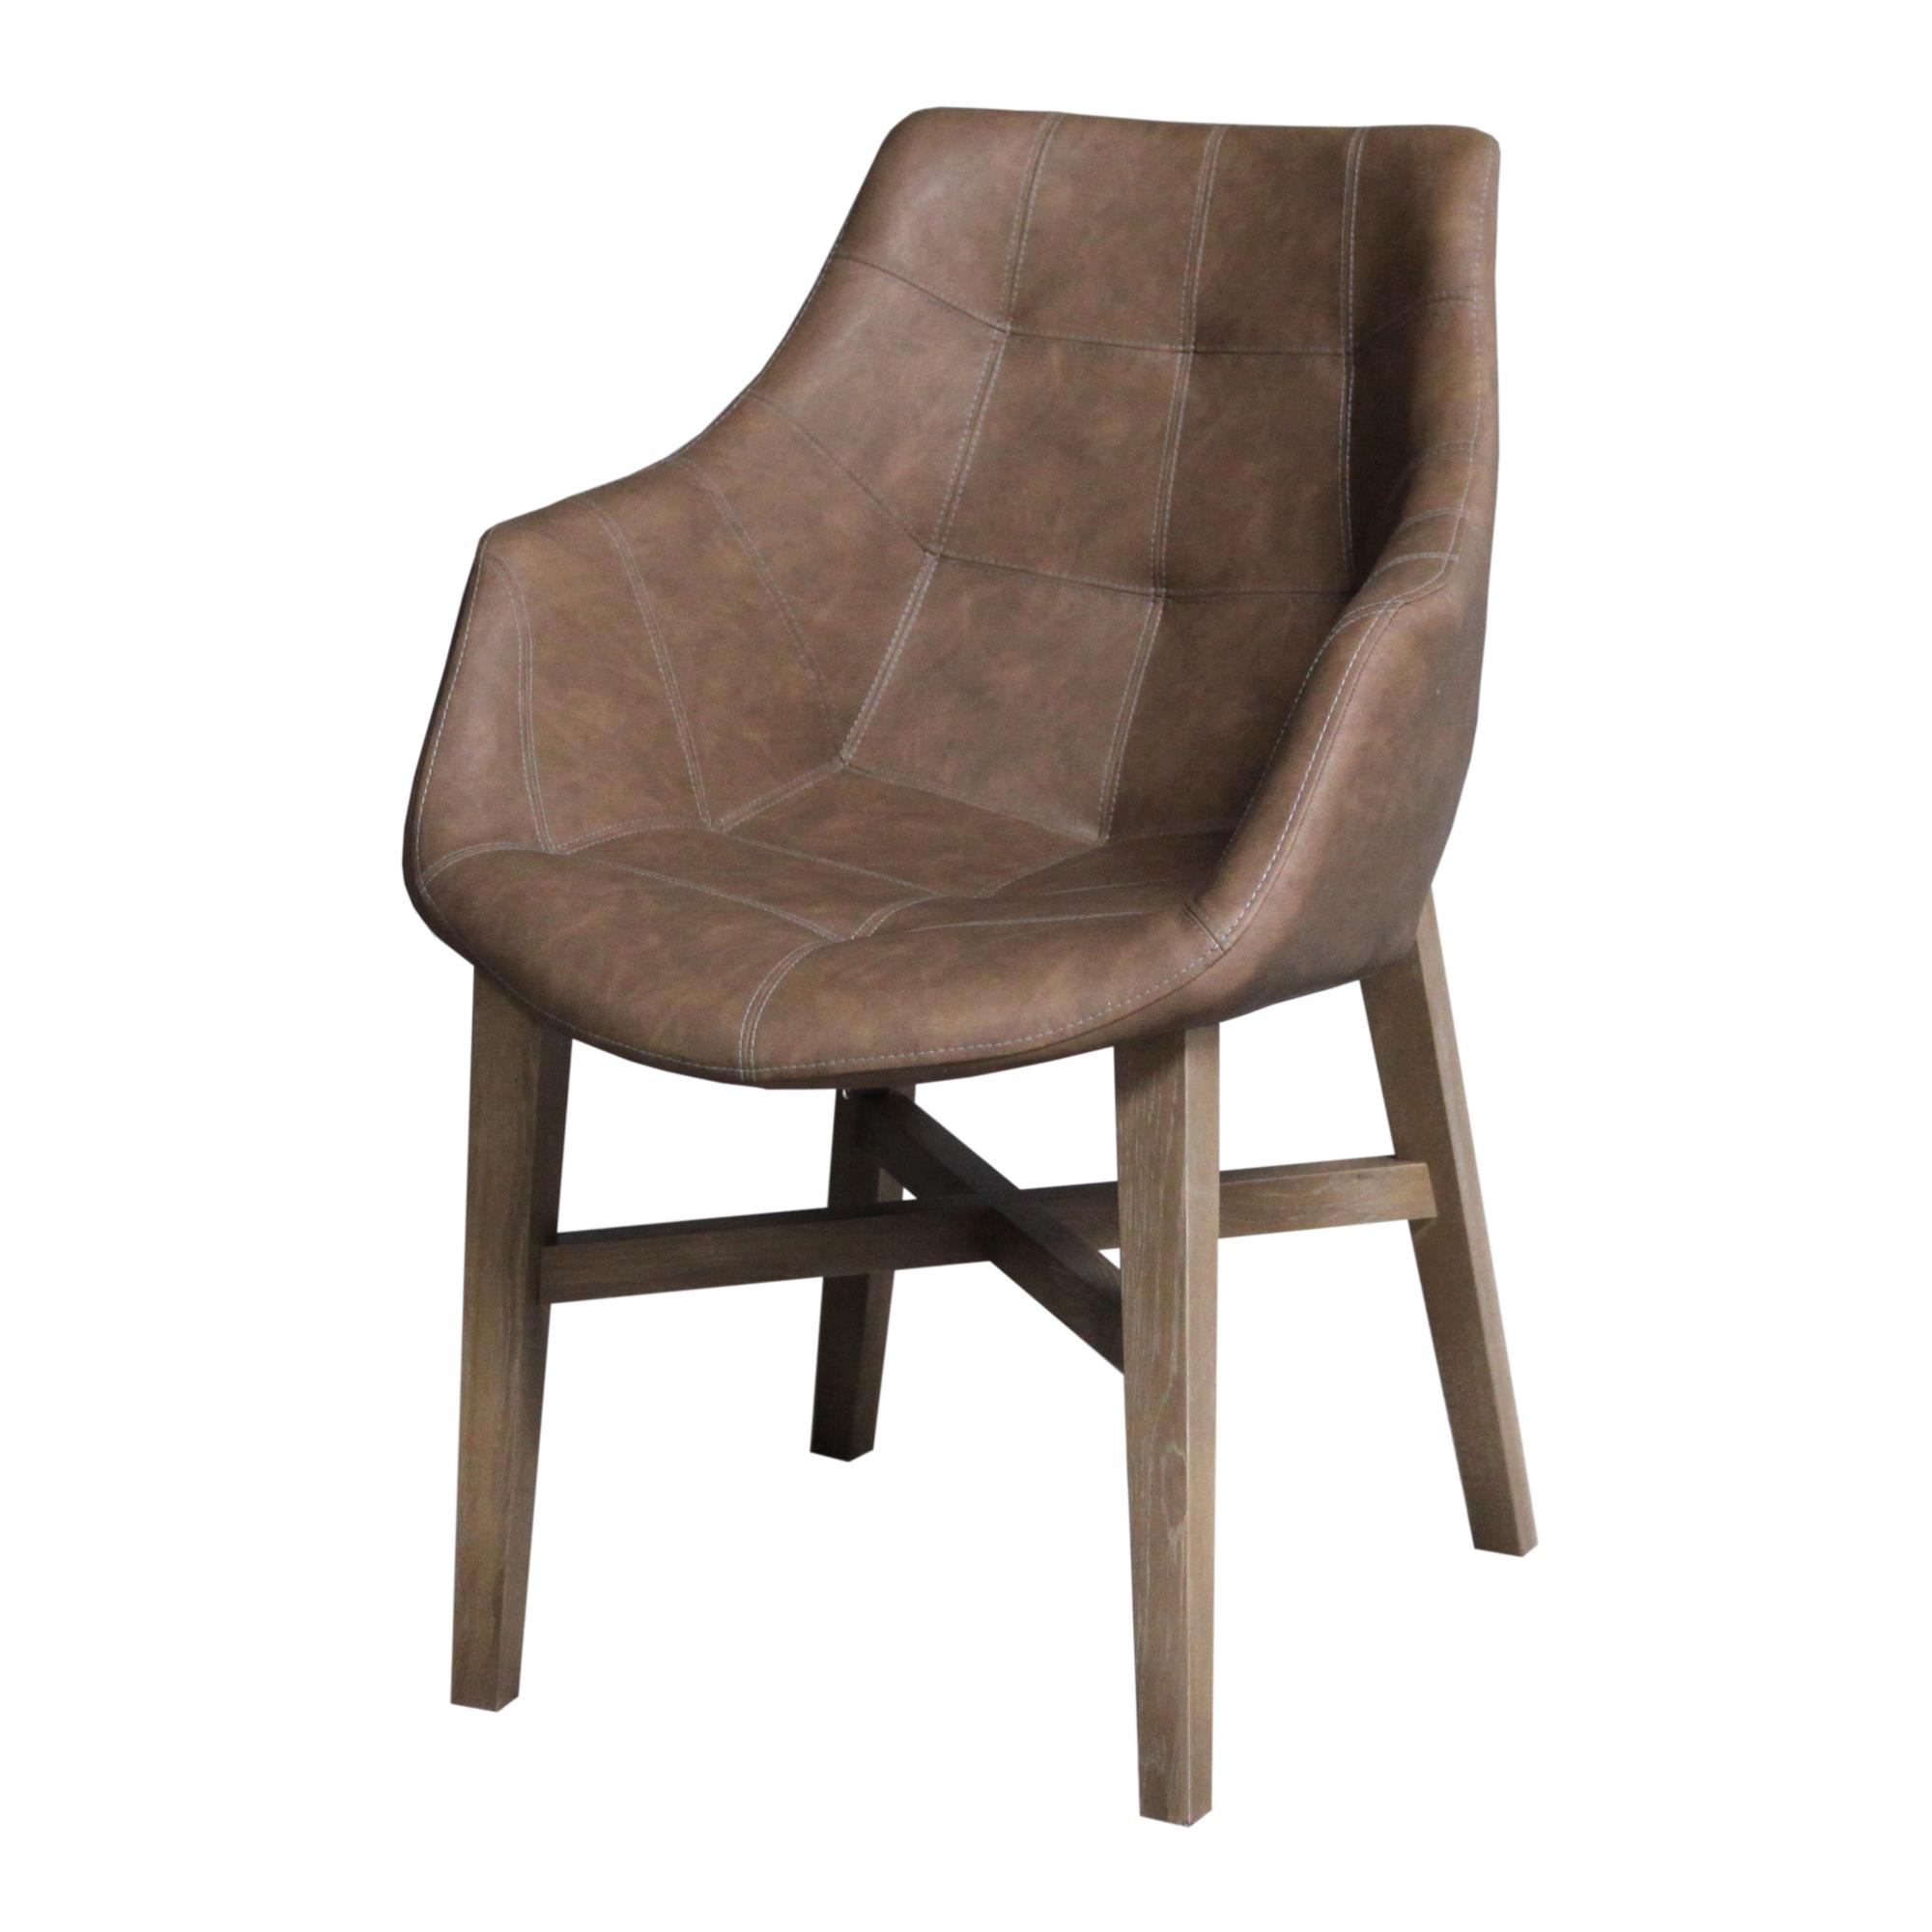 stoel-neba-metarmleuning-vintage-bruin